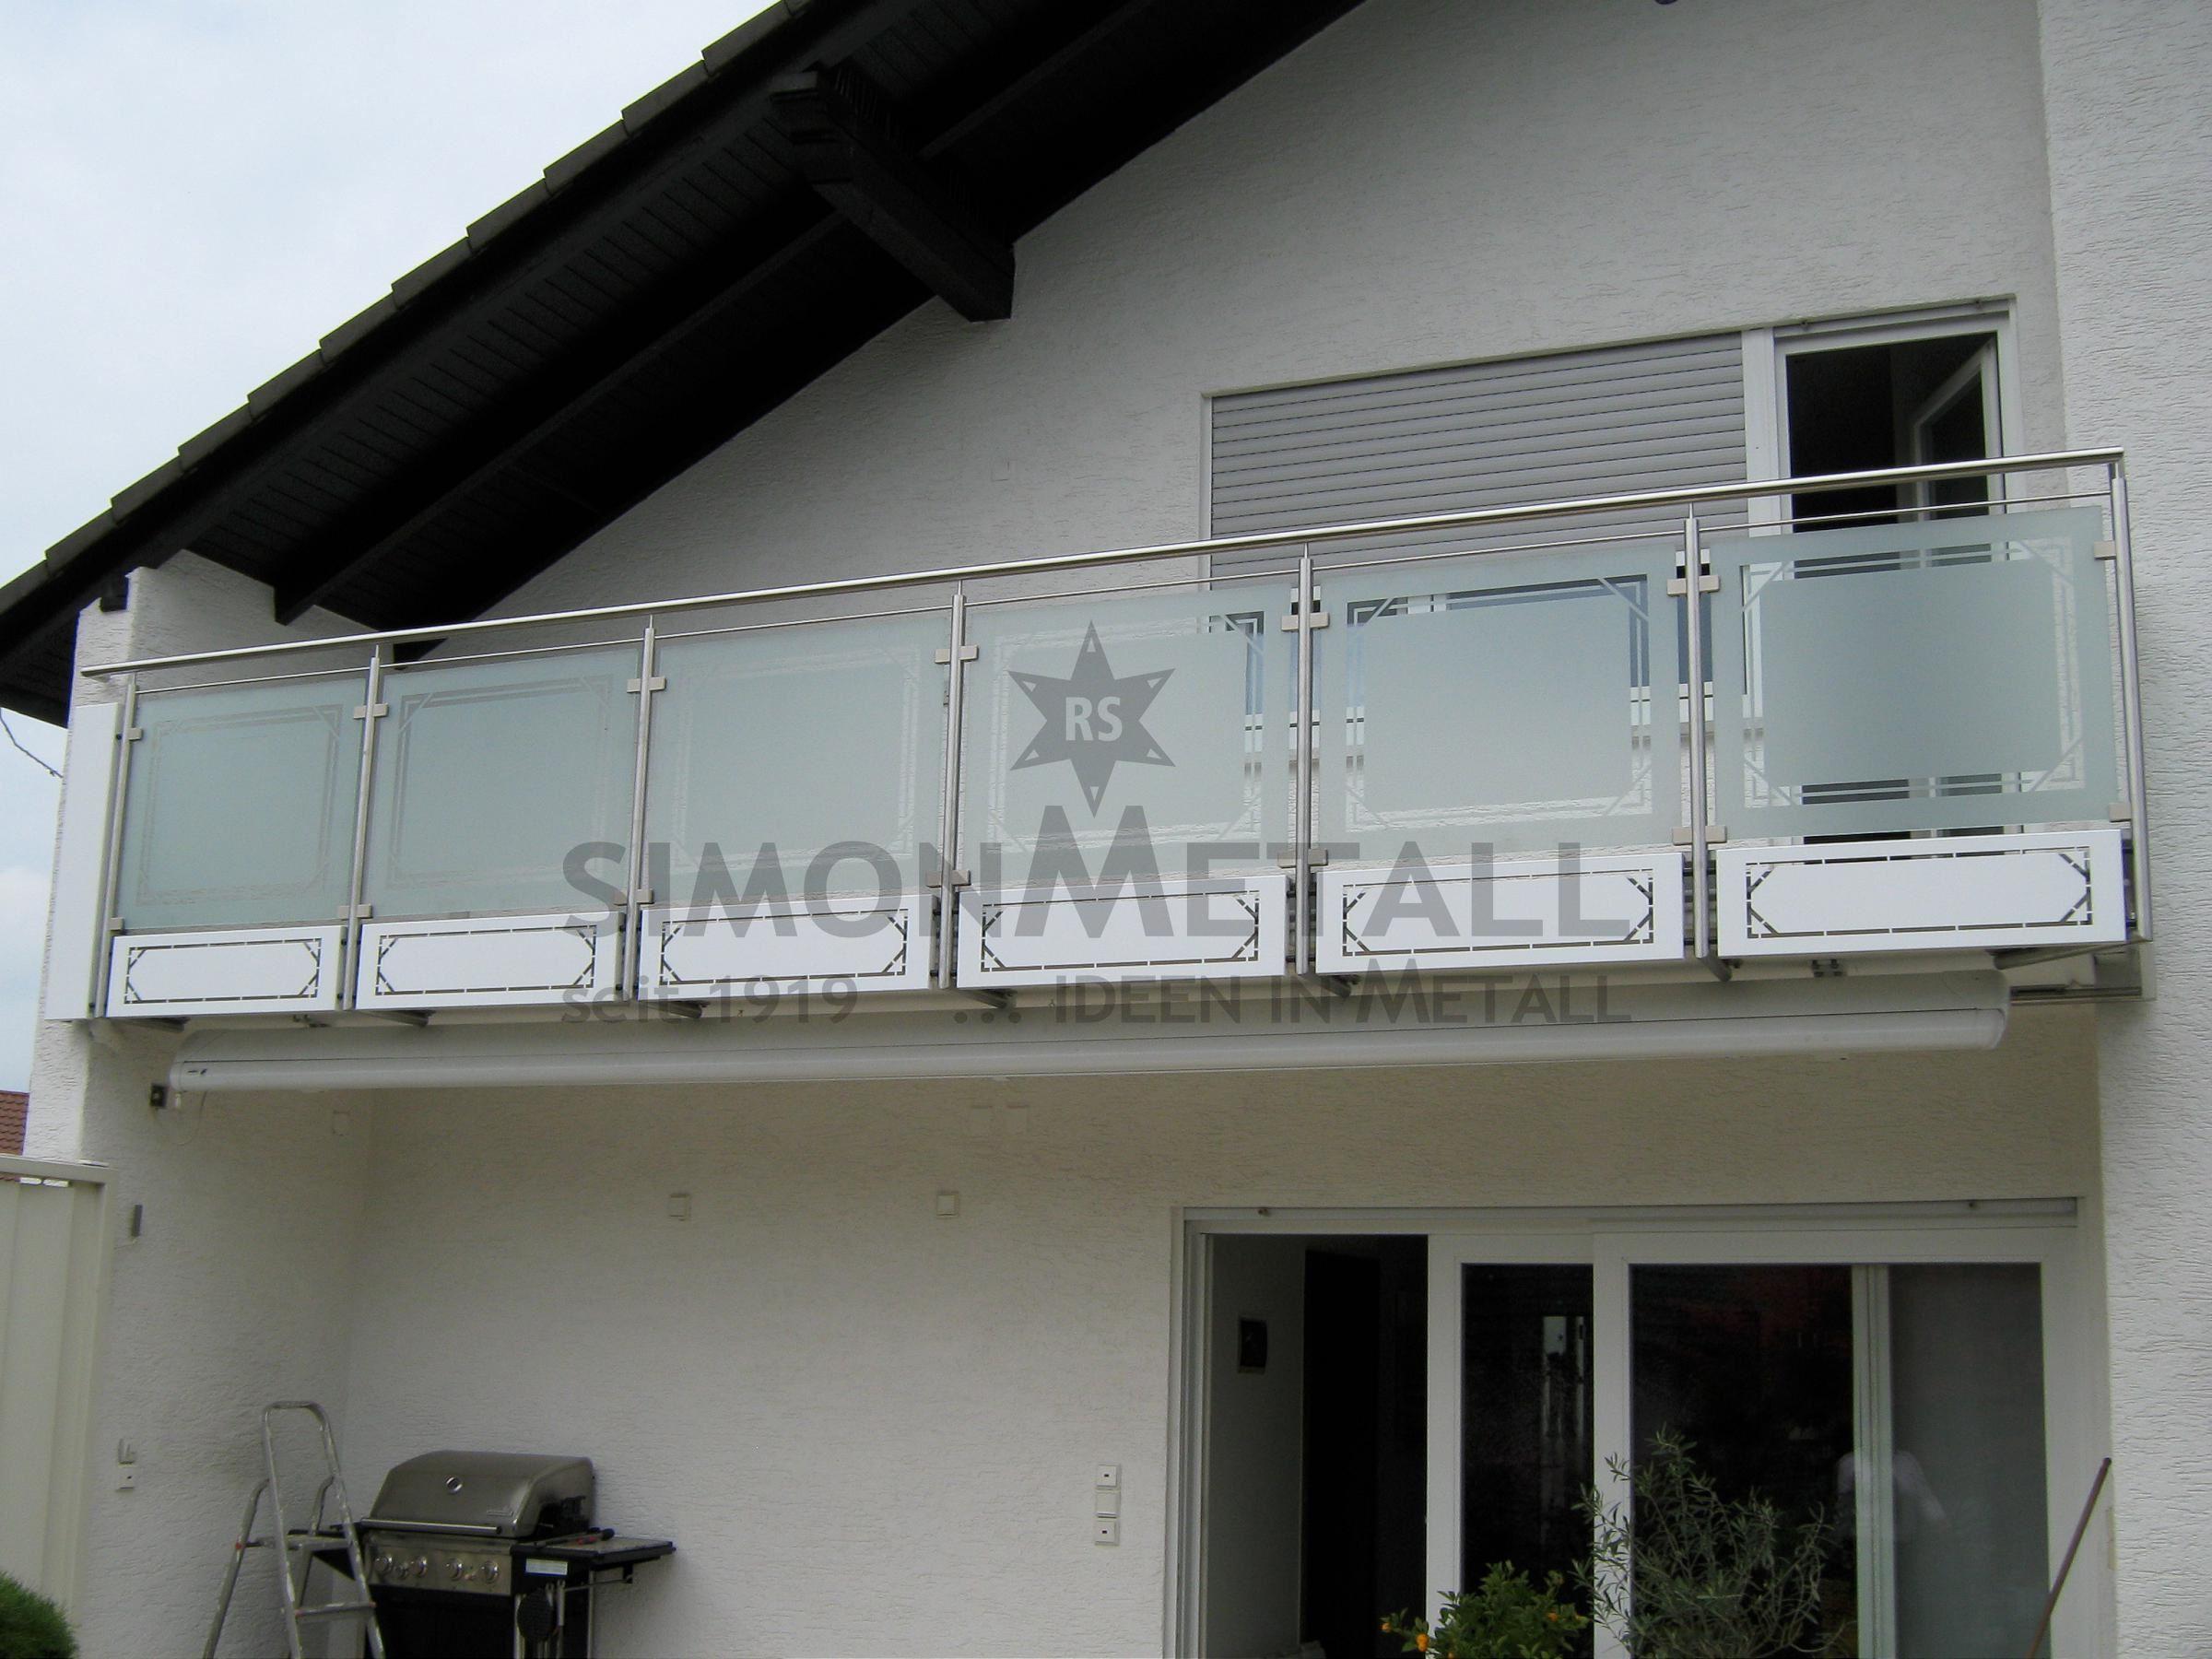 balkongel nder simonmetall gmbh co kg in tann rh n. Black Bedroom Furniture Sets. Home Design Ideas